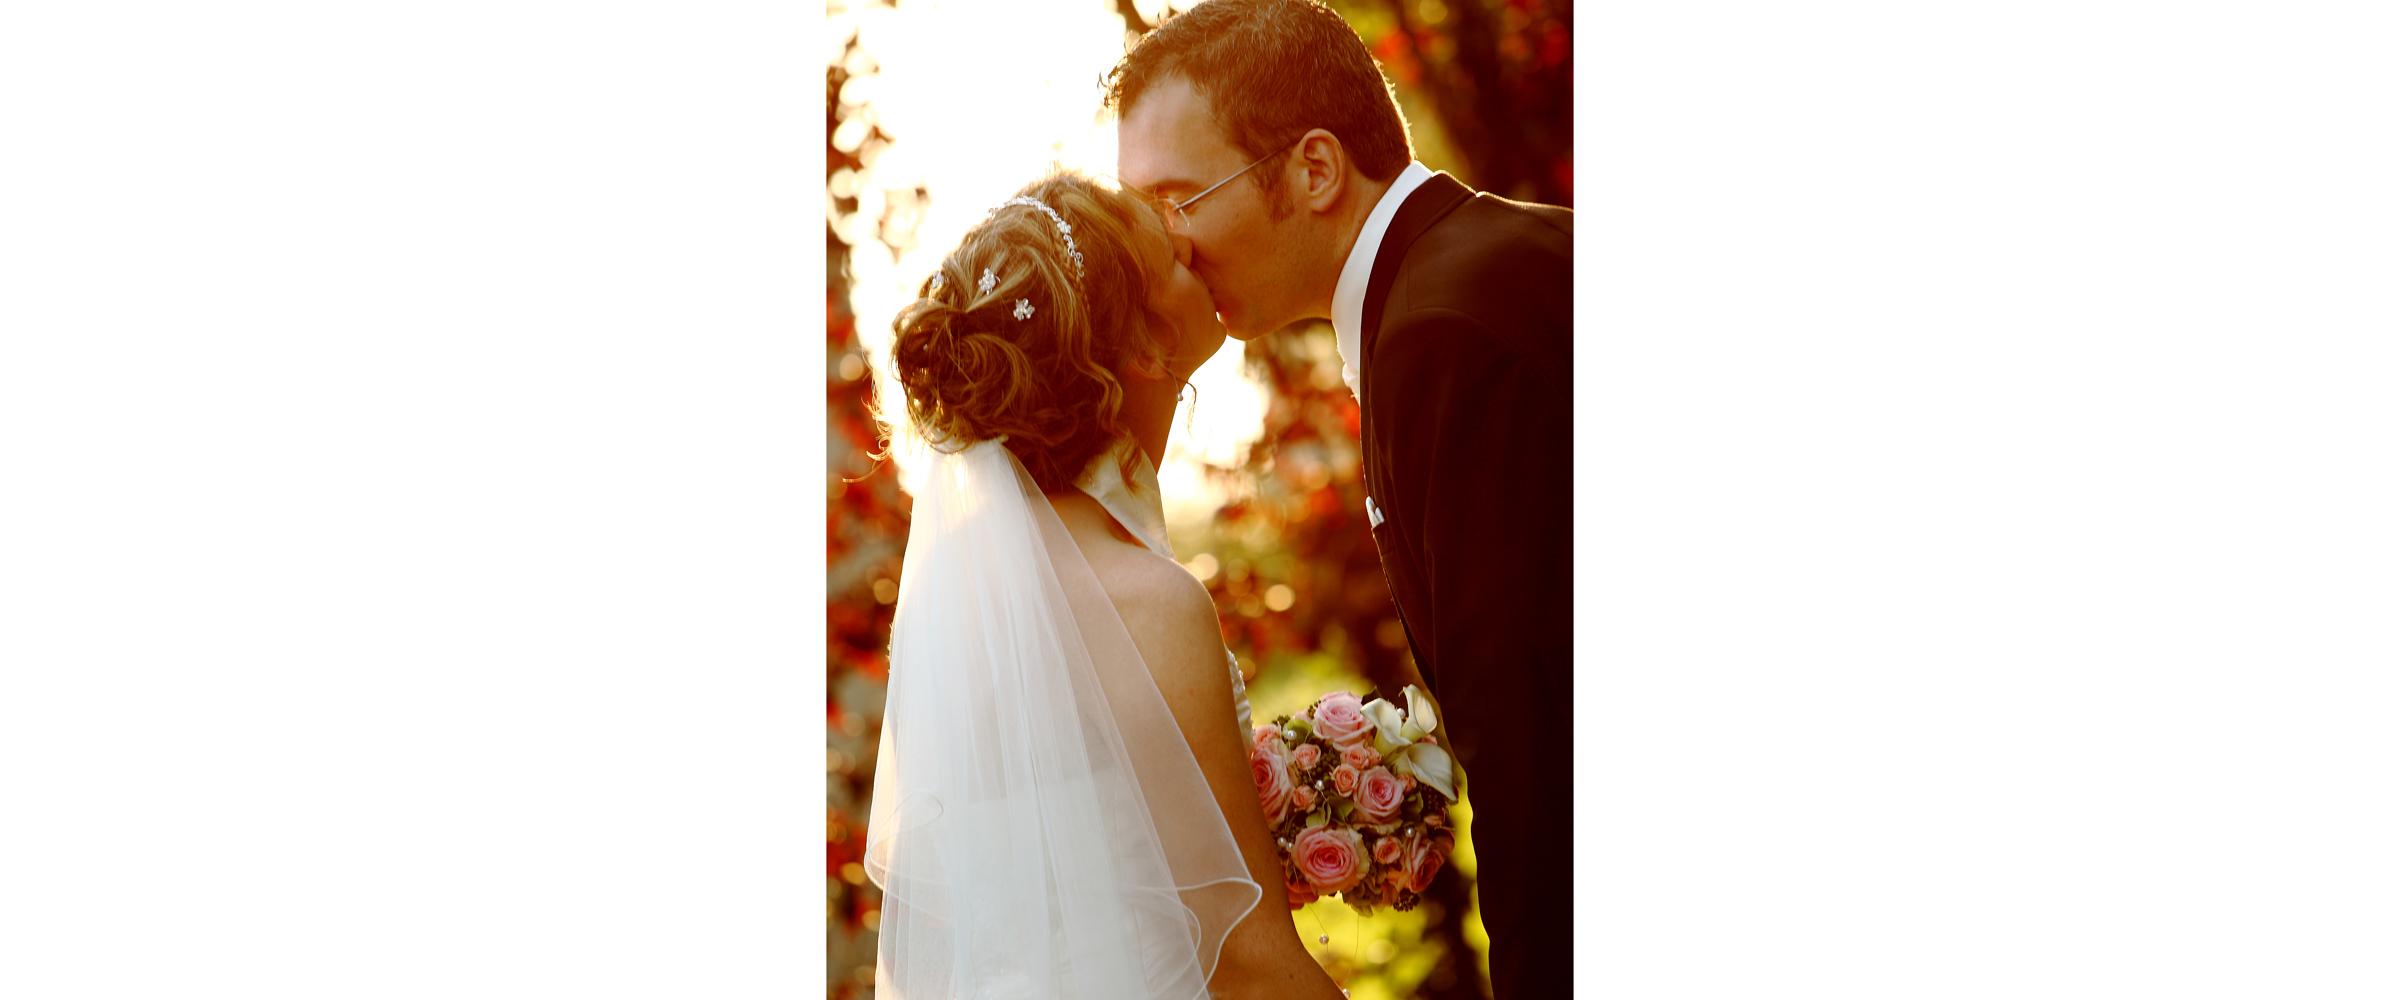 Hochzeitsportrait eines Mannes im dunklen Anzug, der eine Frau im weißen Brautkleid mit Schleier küsst (Brautpaar).